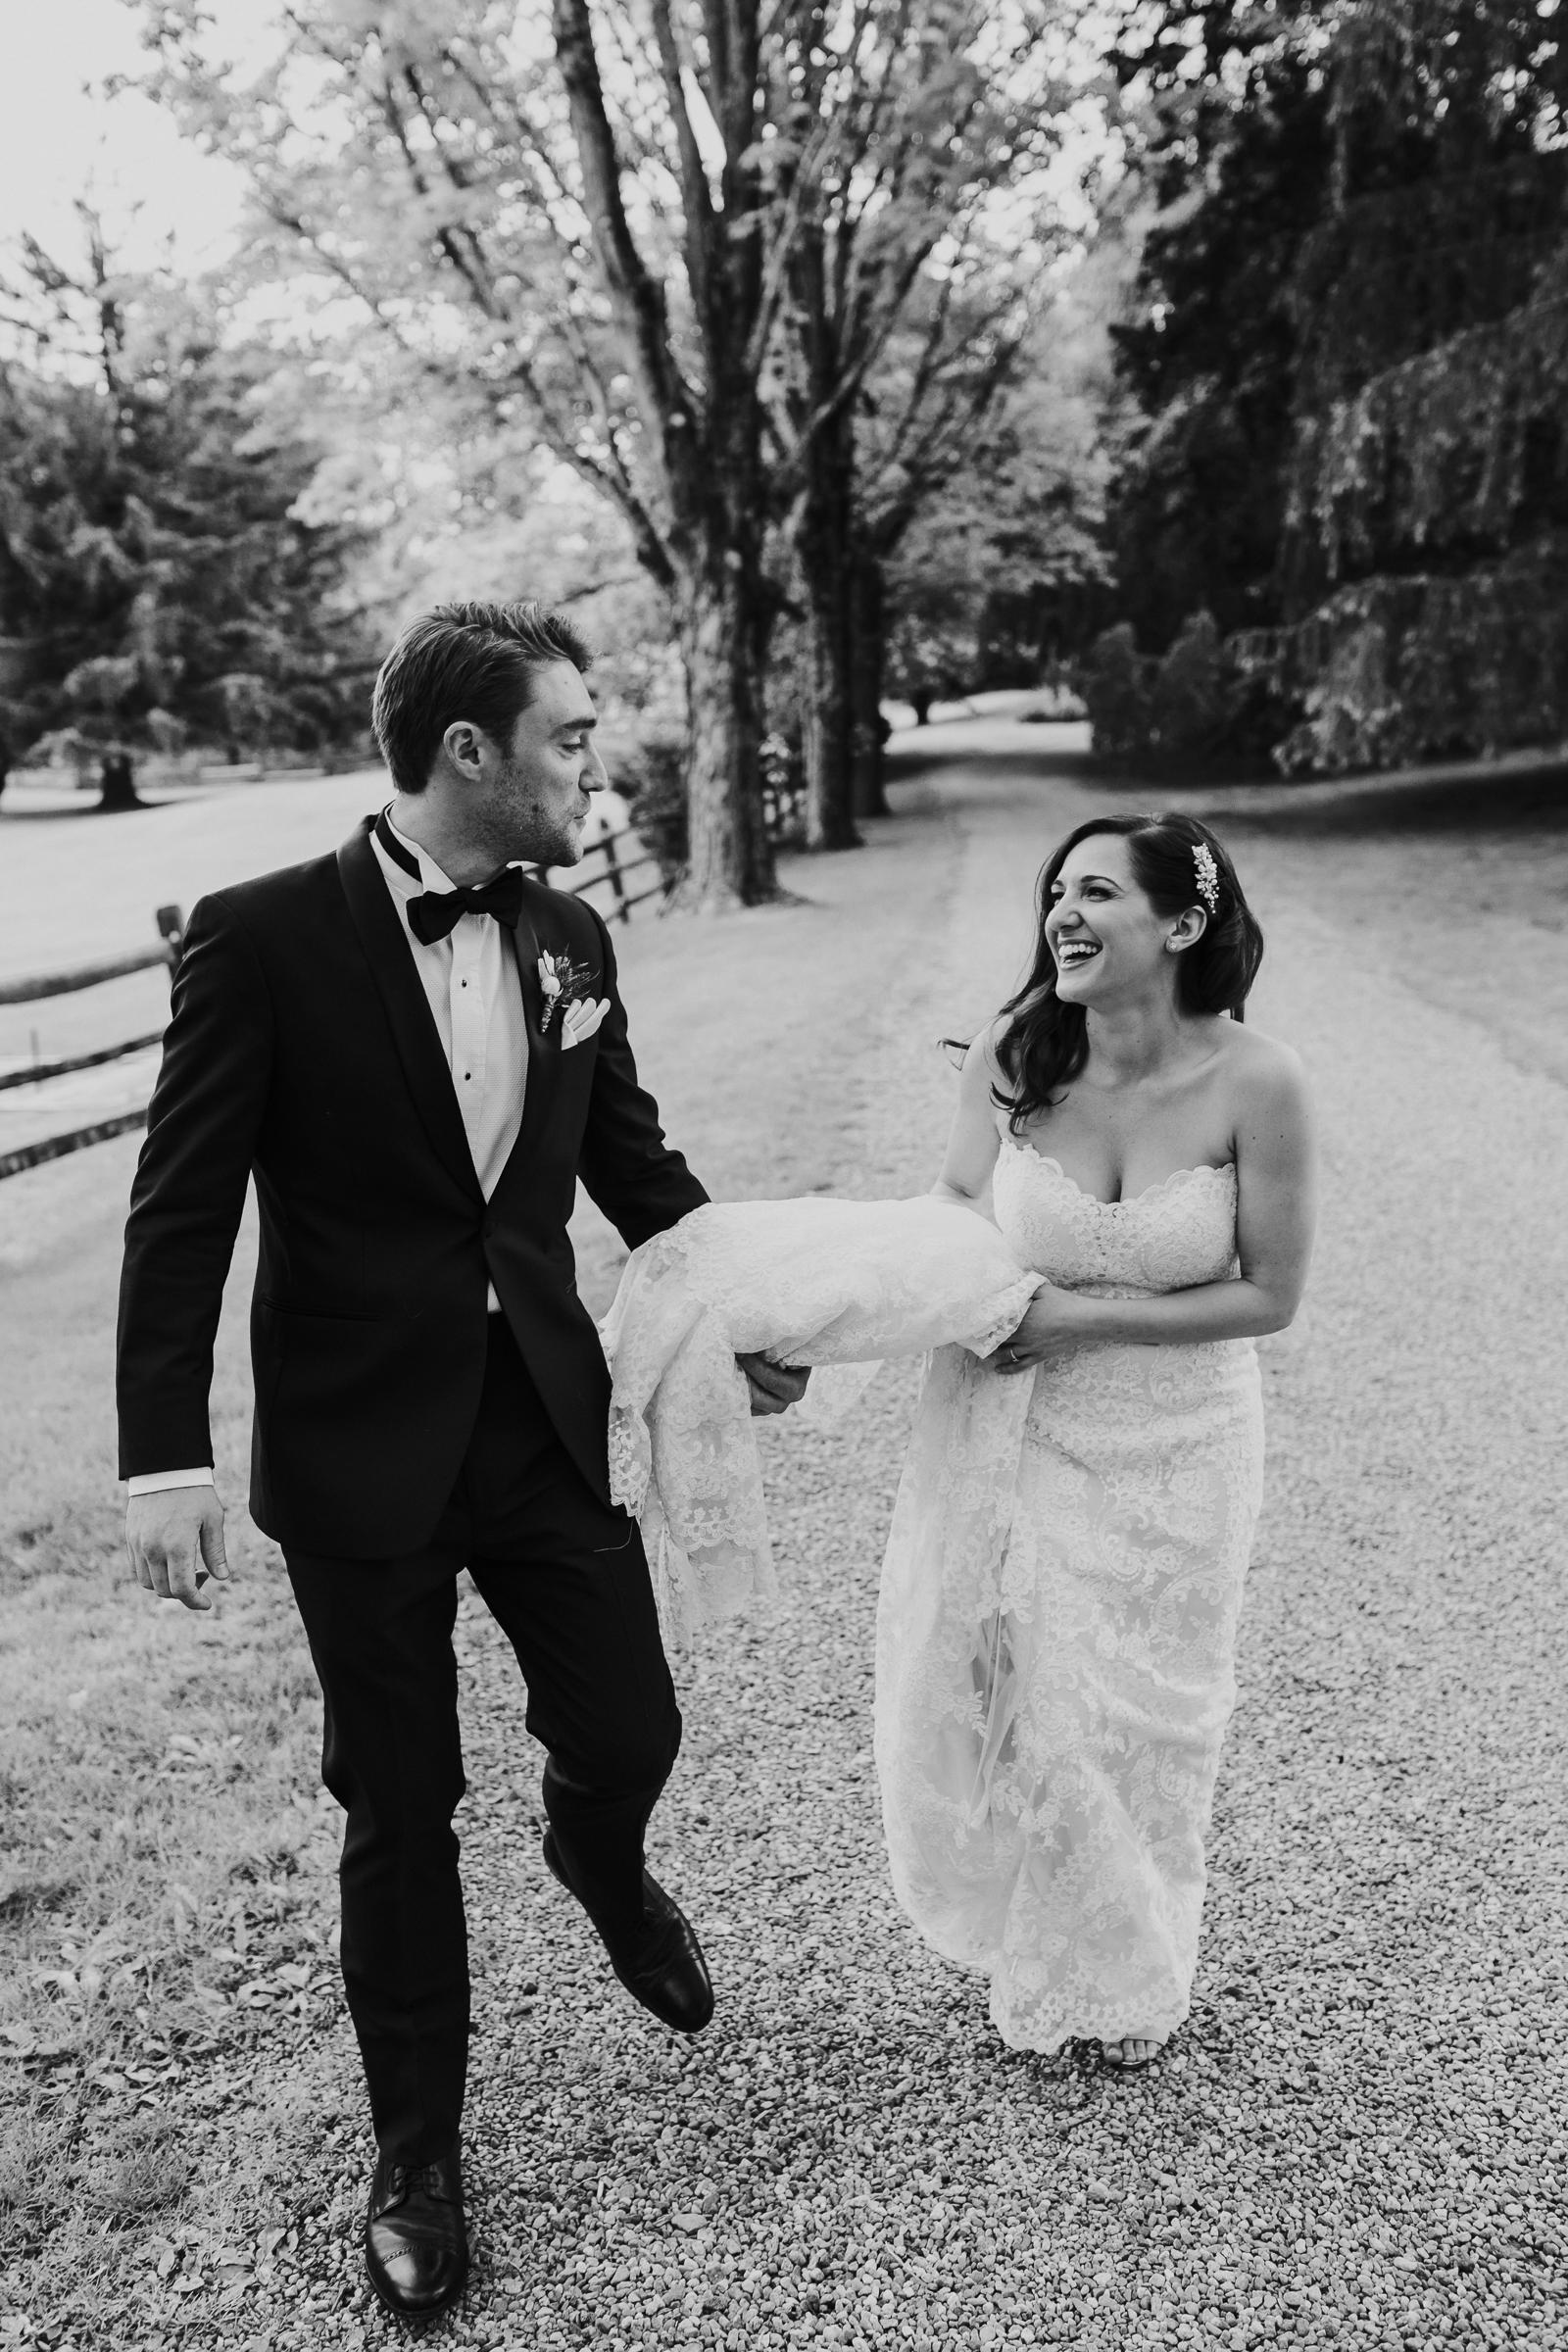 Crossed-Keys-Estate-Andover-NJ-Fine-Art-Documentary-Wedding-Photographer-45.jpg